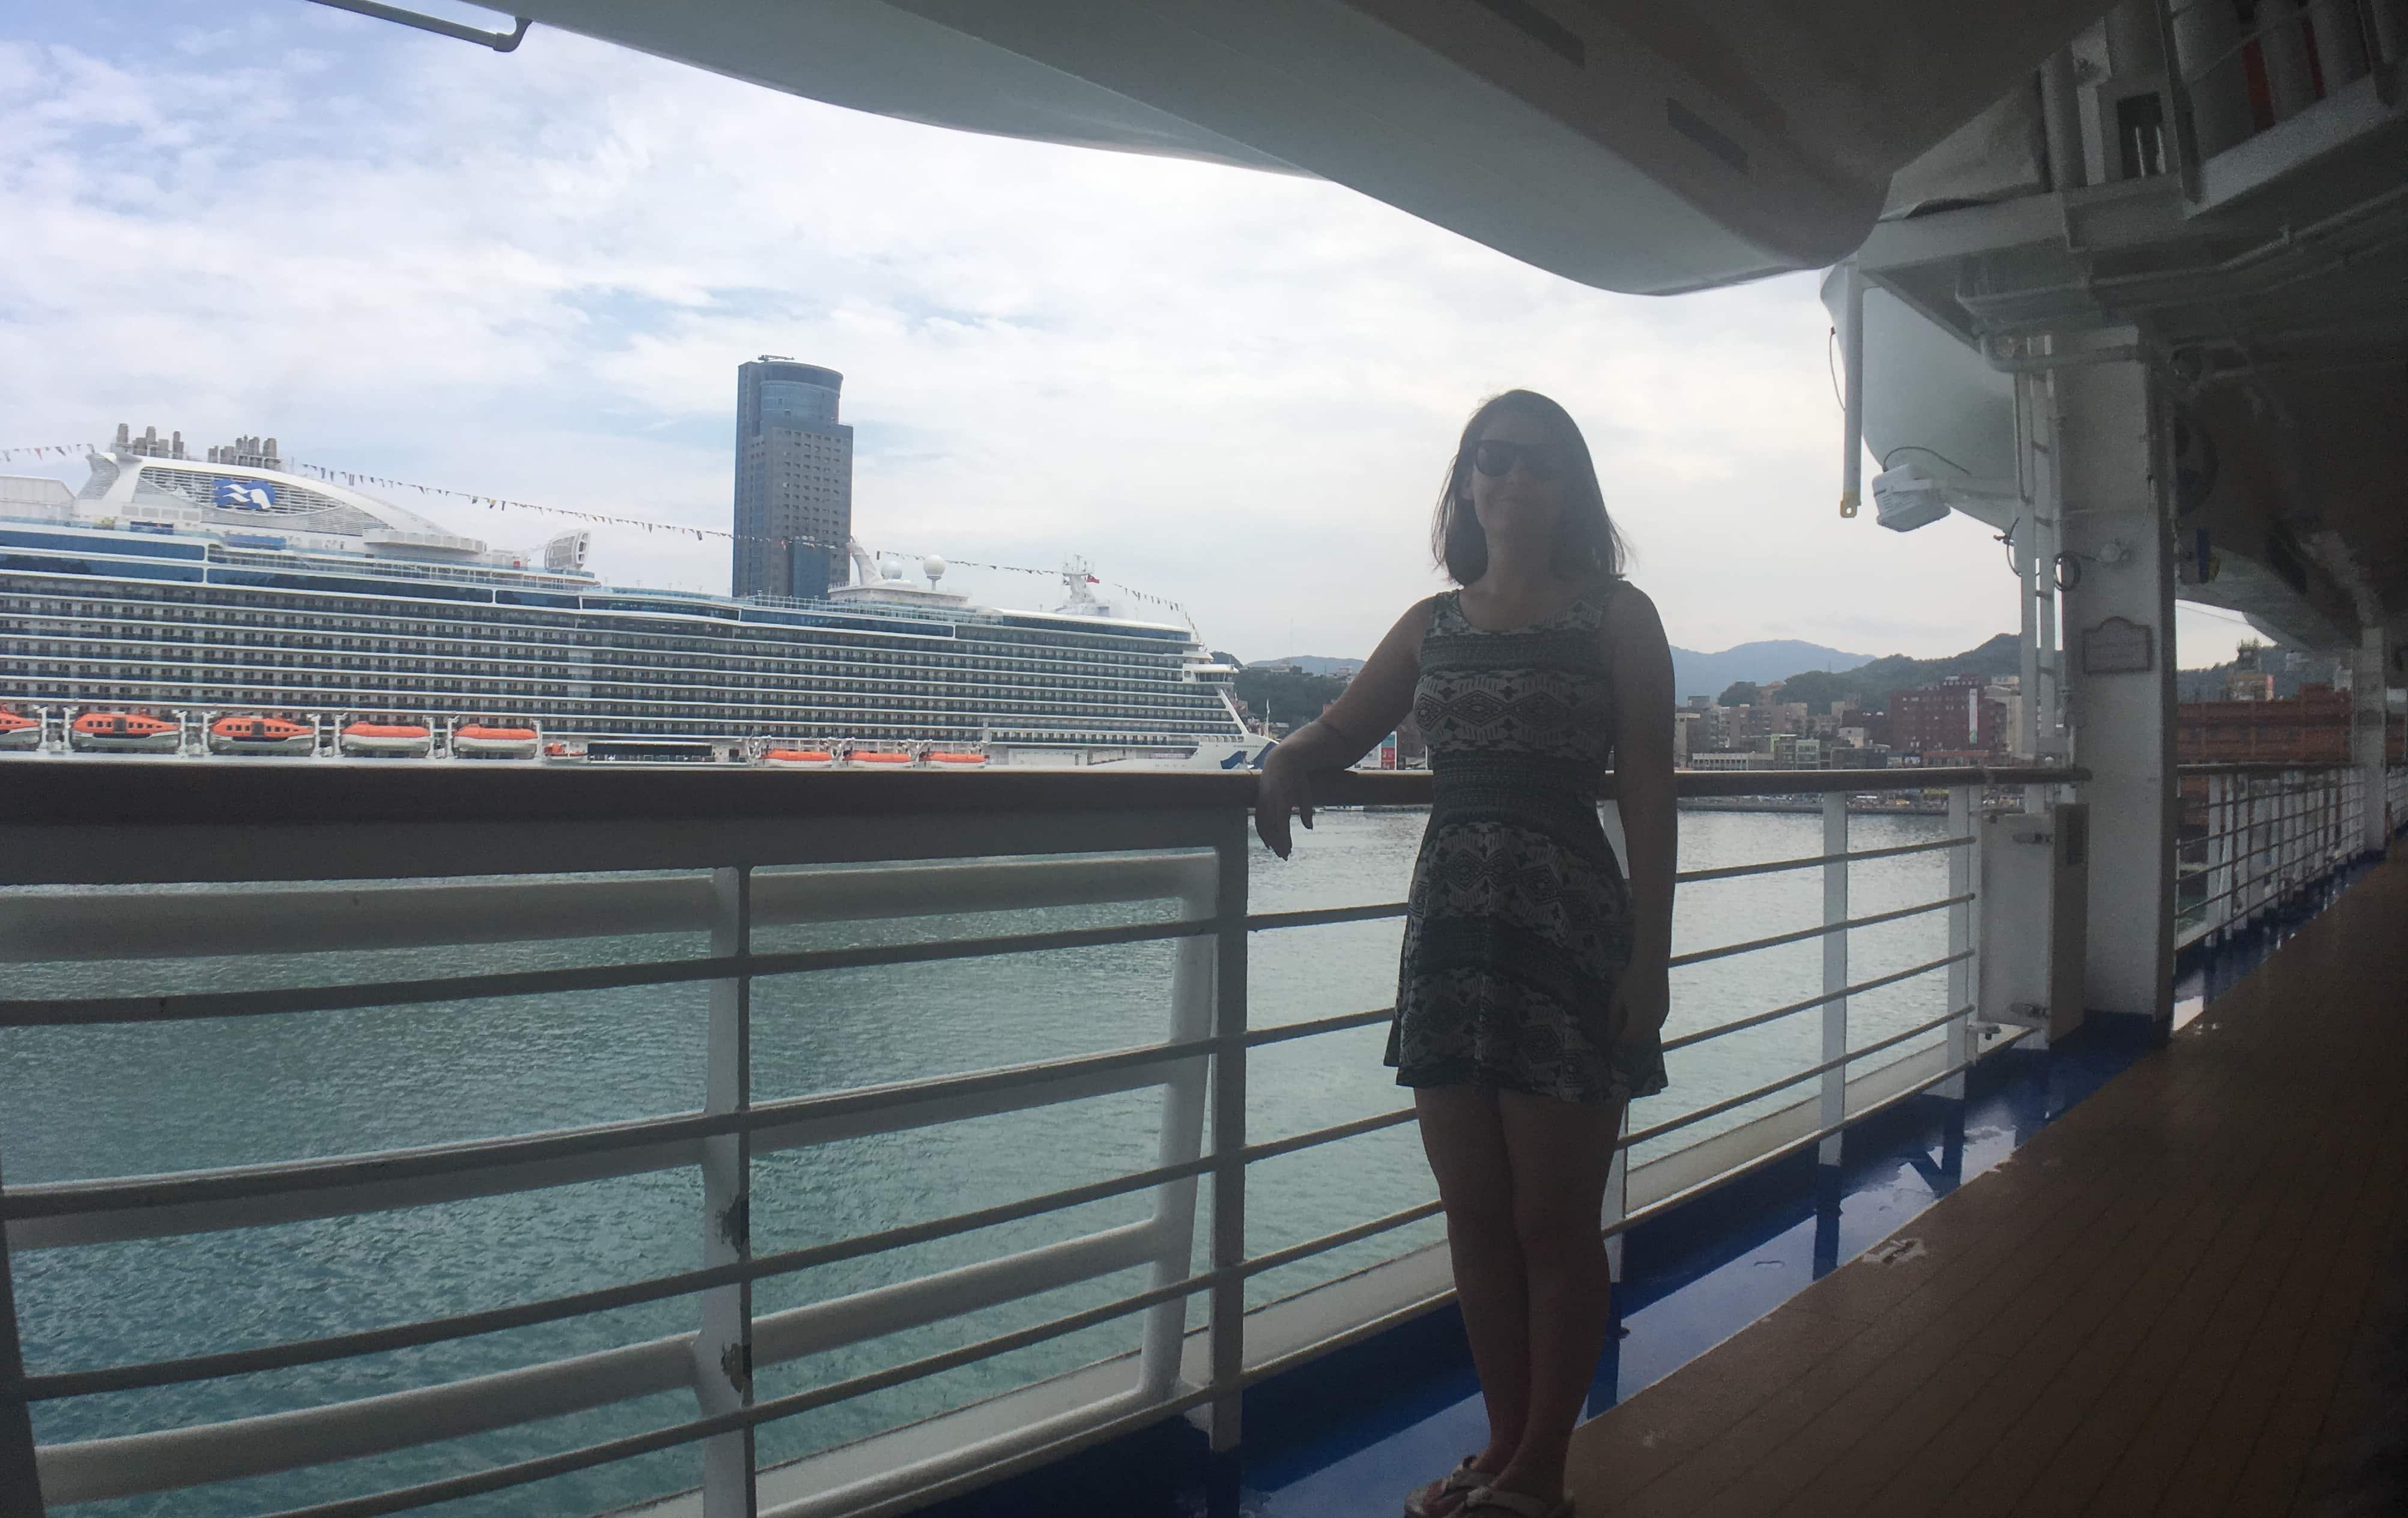 Promenade Deck Golden Princess girl dress standing railing